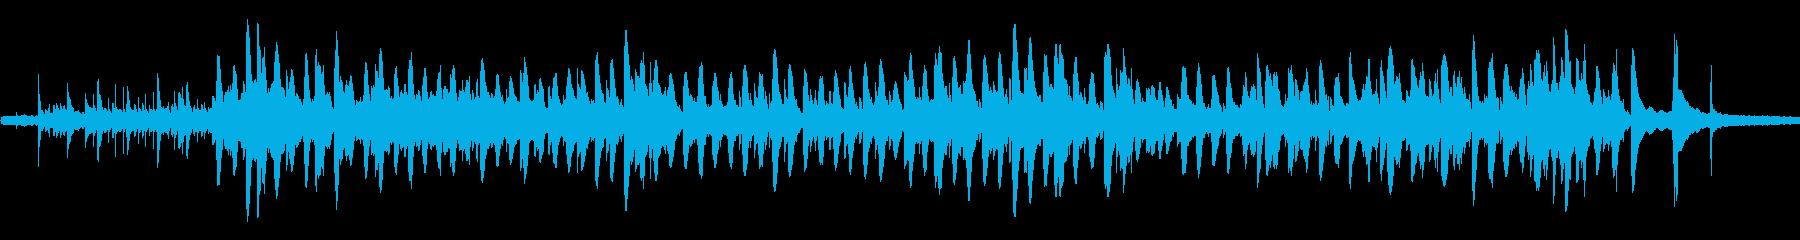 動画 センチメンタル やる気 ハイ...の再生済みの波形